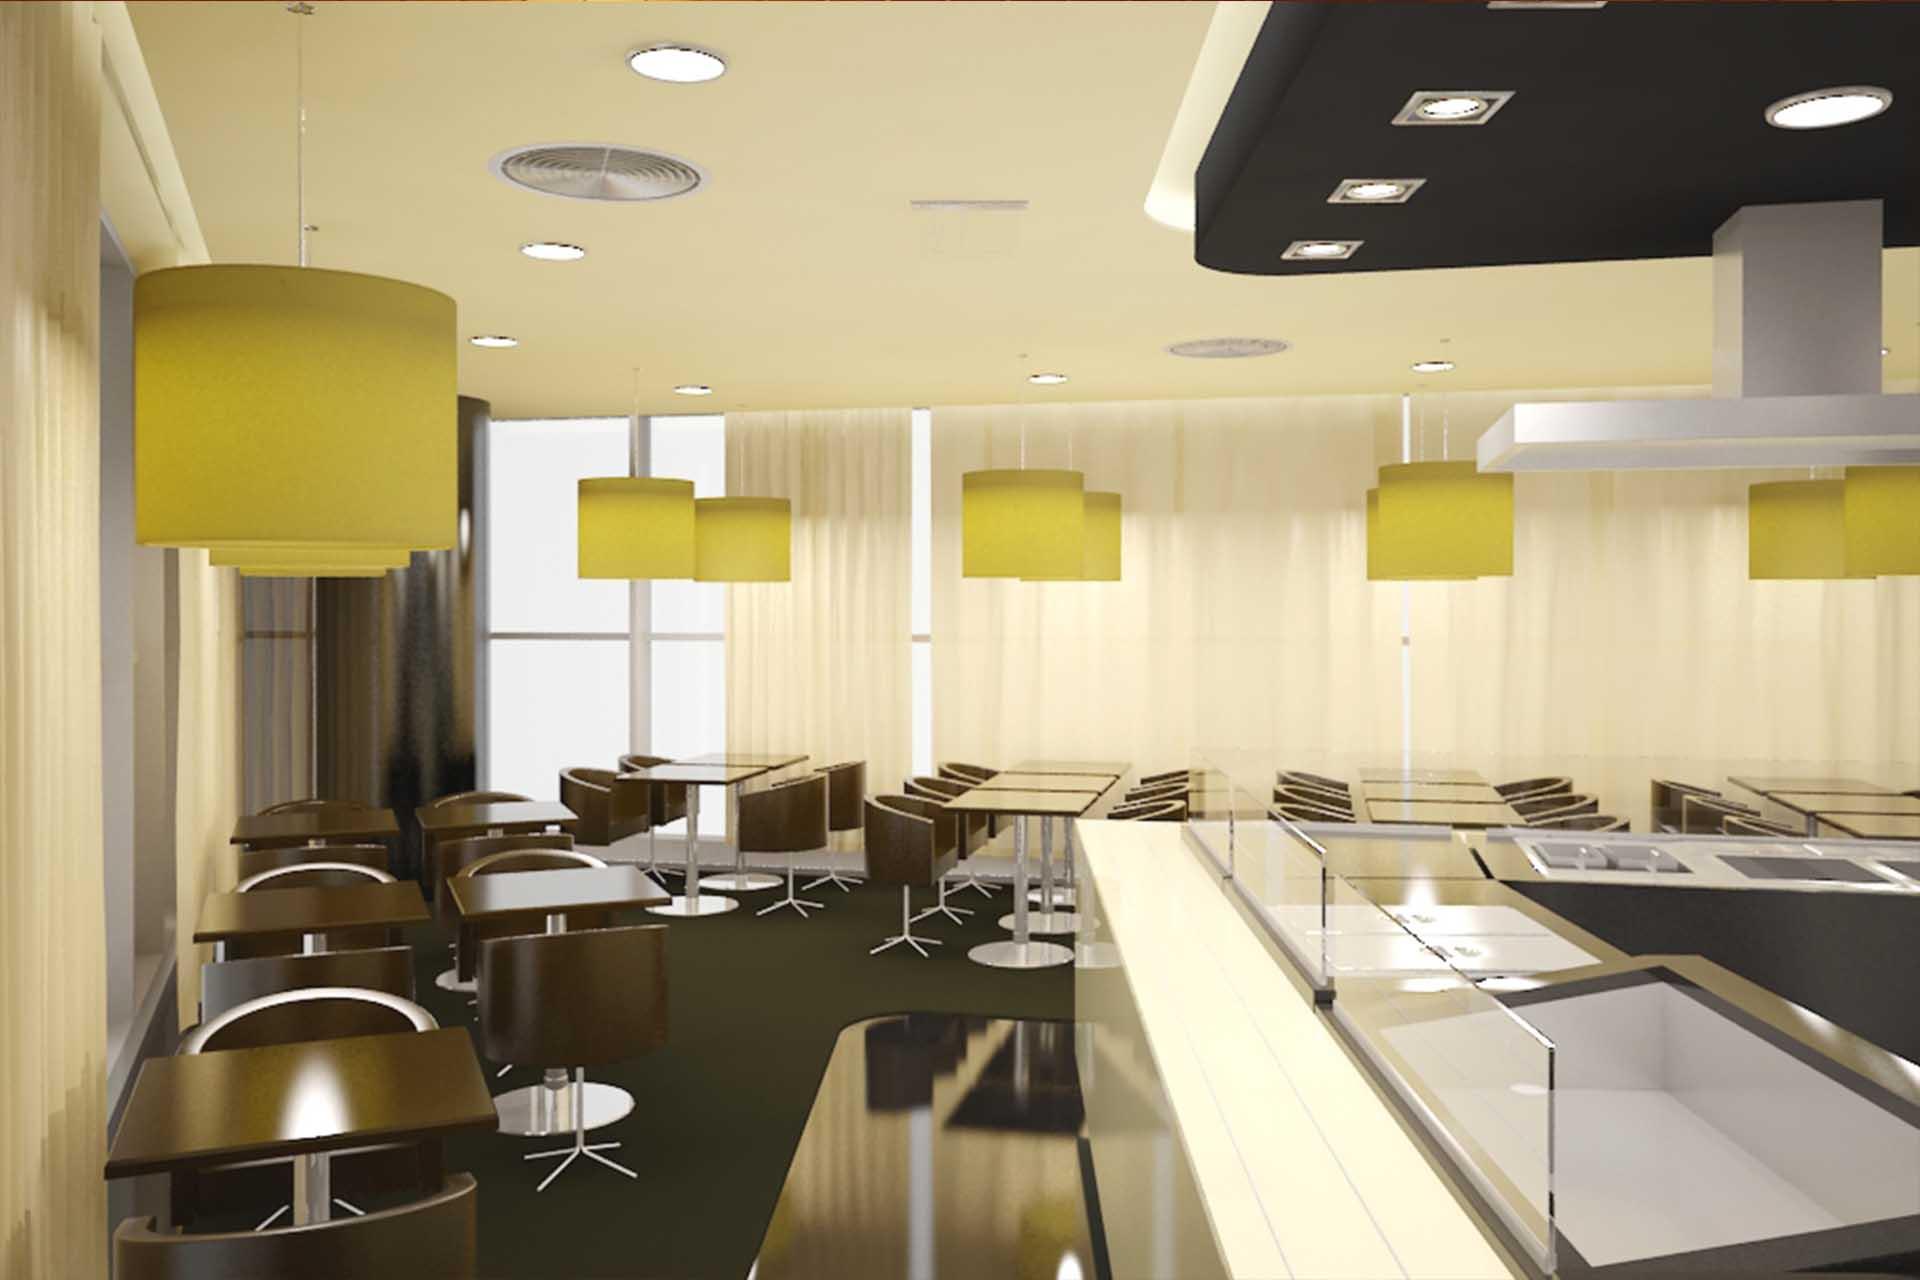 restaurante-7-1-1-1.jpg